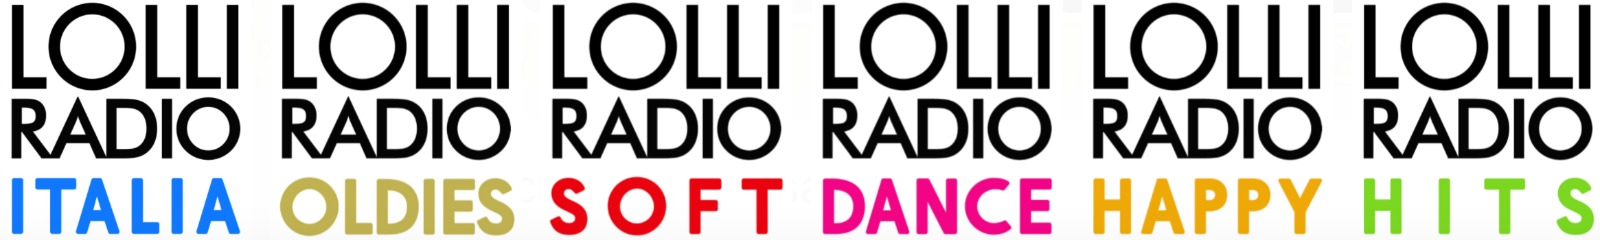 LolliRadio brand bouquet - Radio. Lolliradio, il primo brand bouquet indipendente affida la commercializzazione del digital audio a Teamradio. L'IP Radio diventa adulta anche da noi